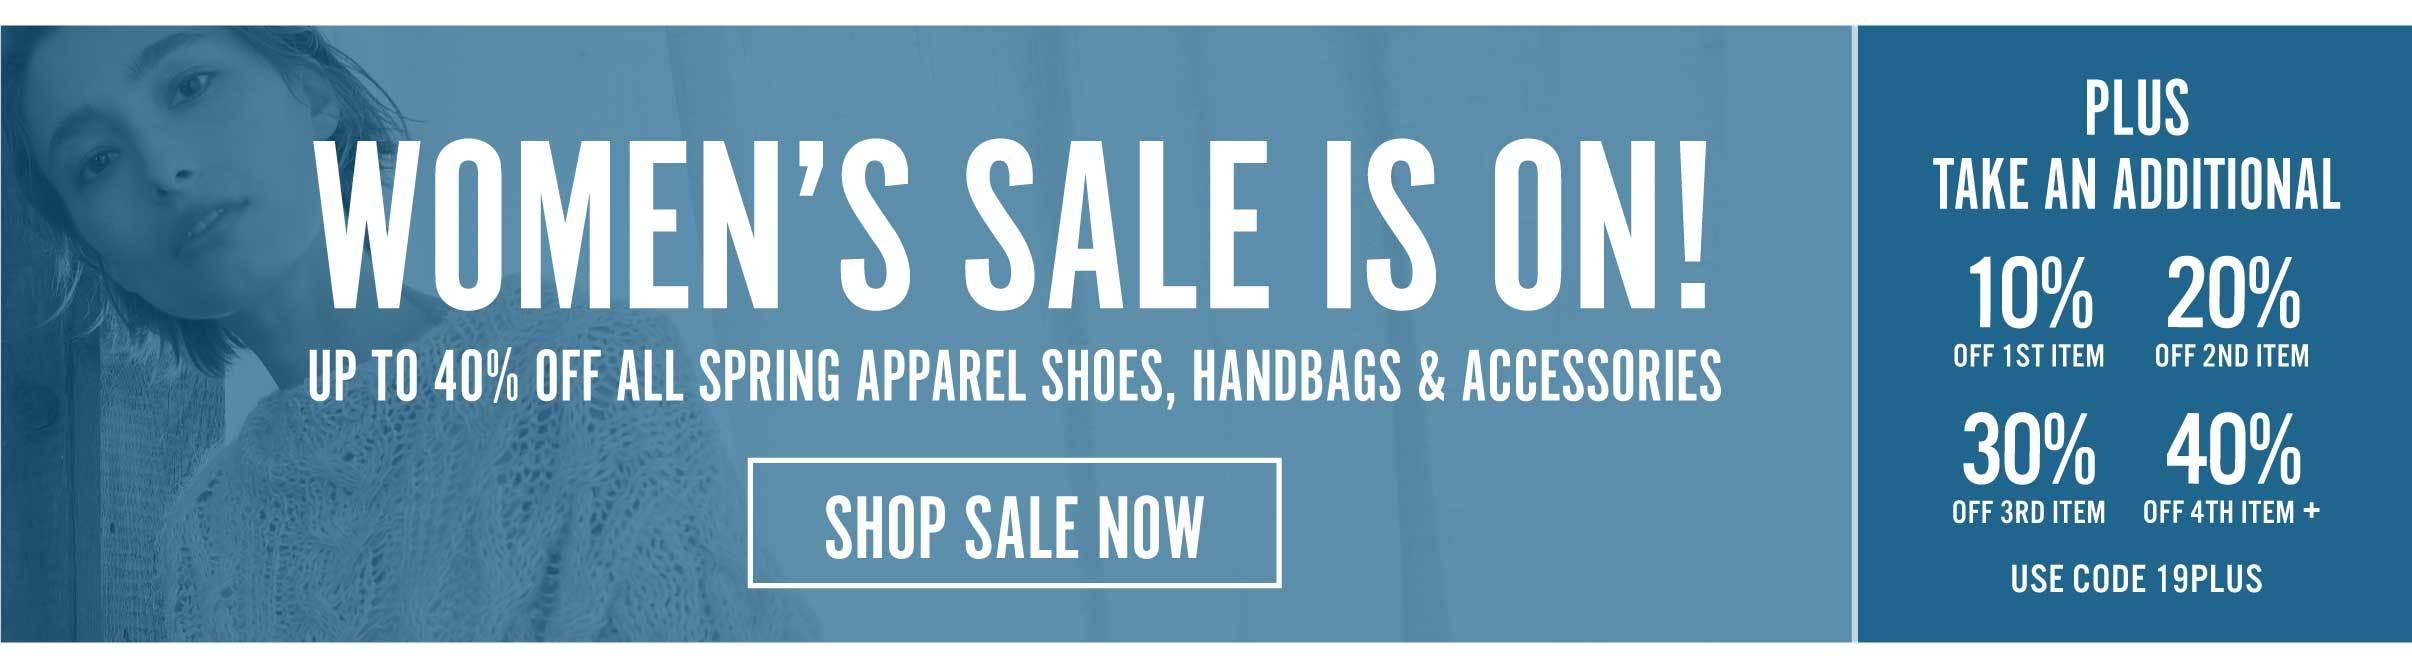 women's sale multiple